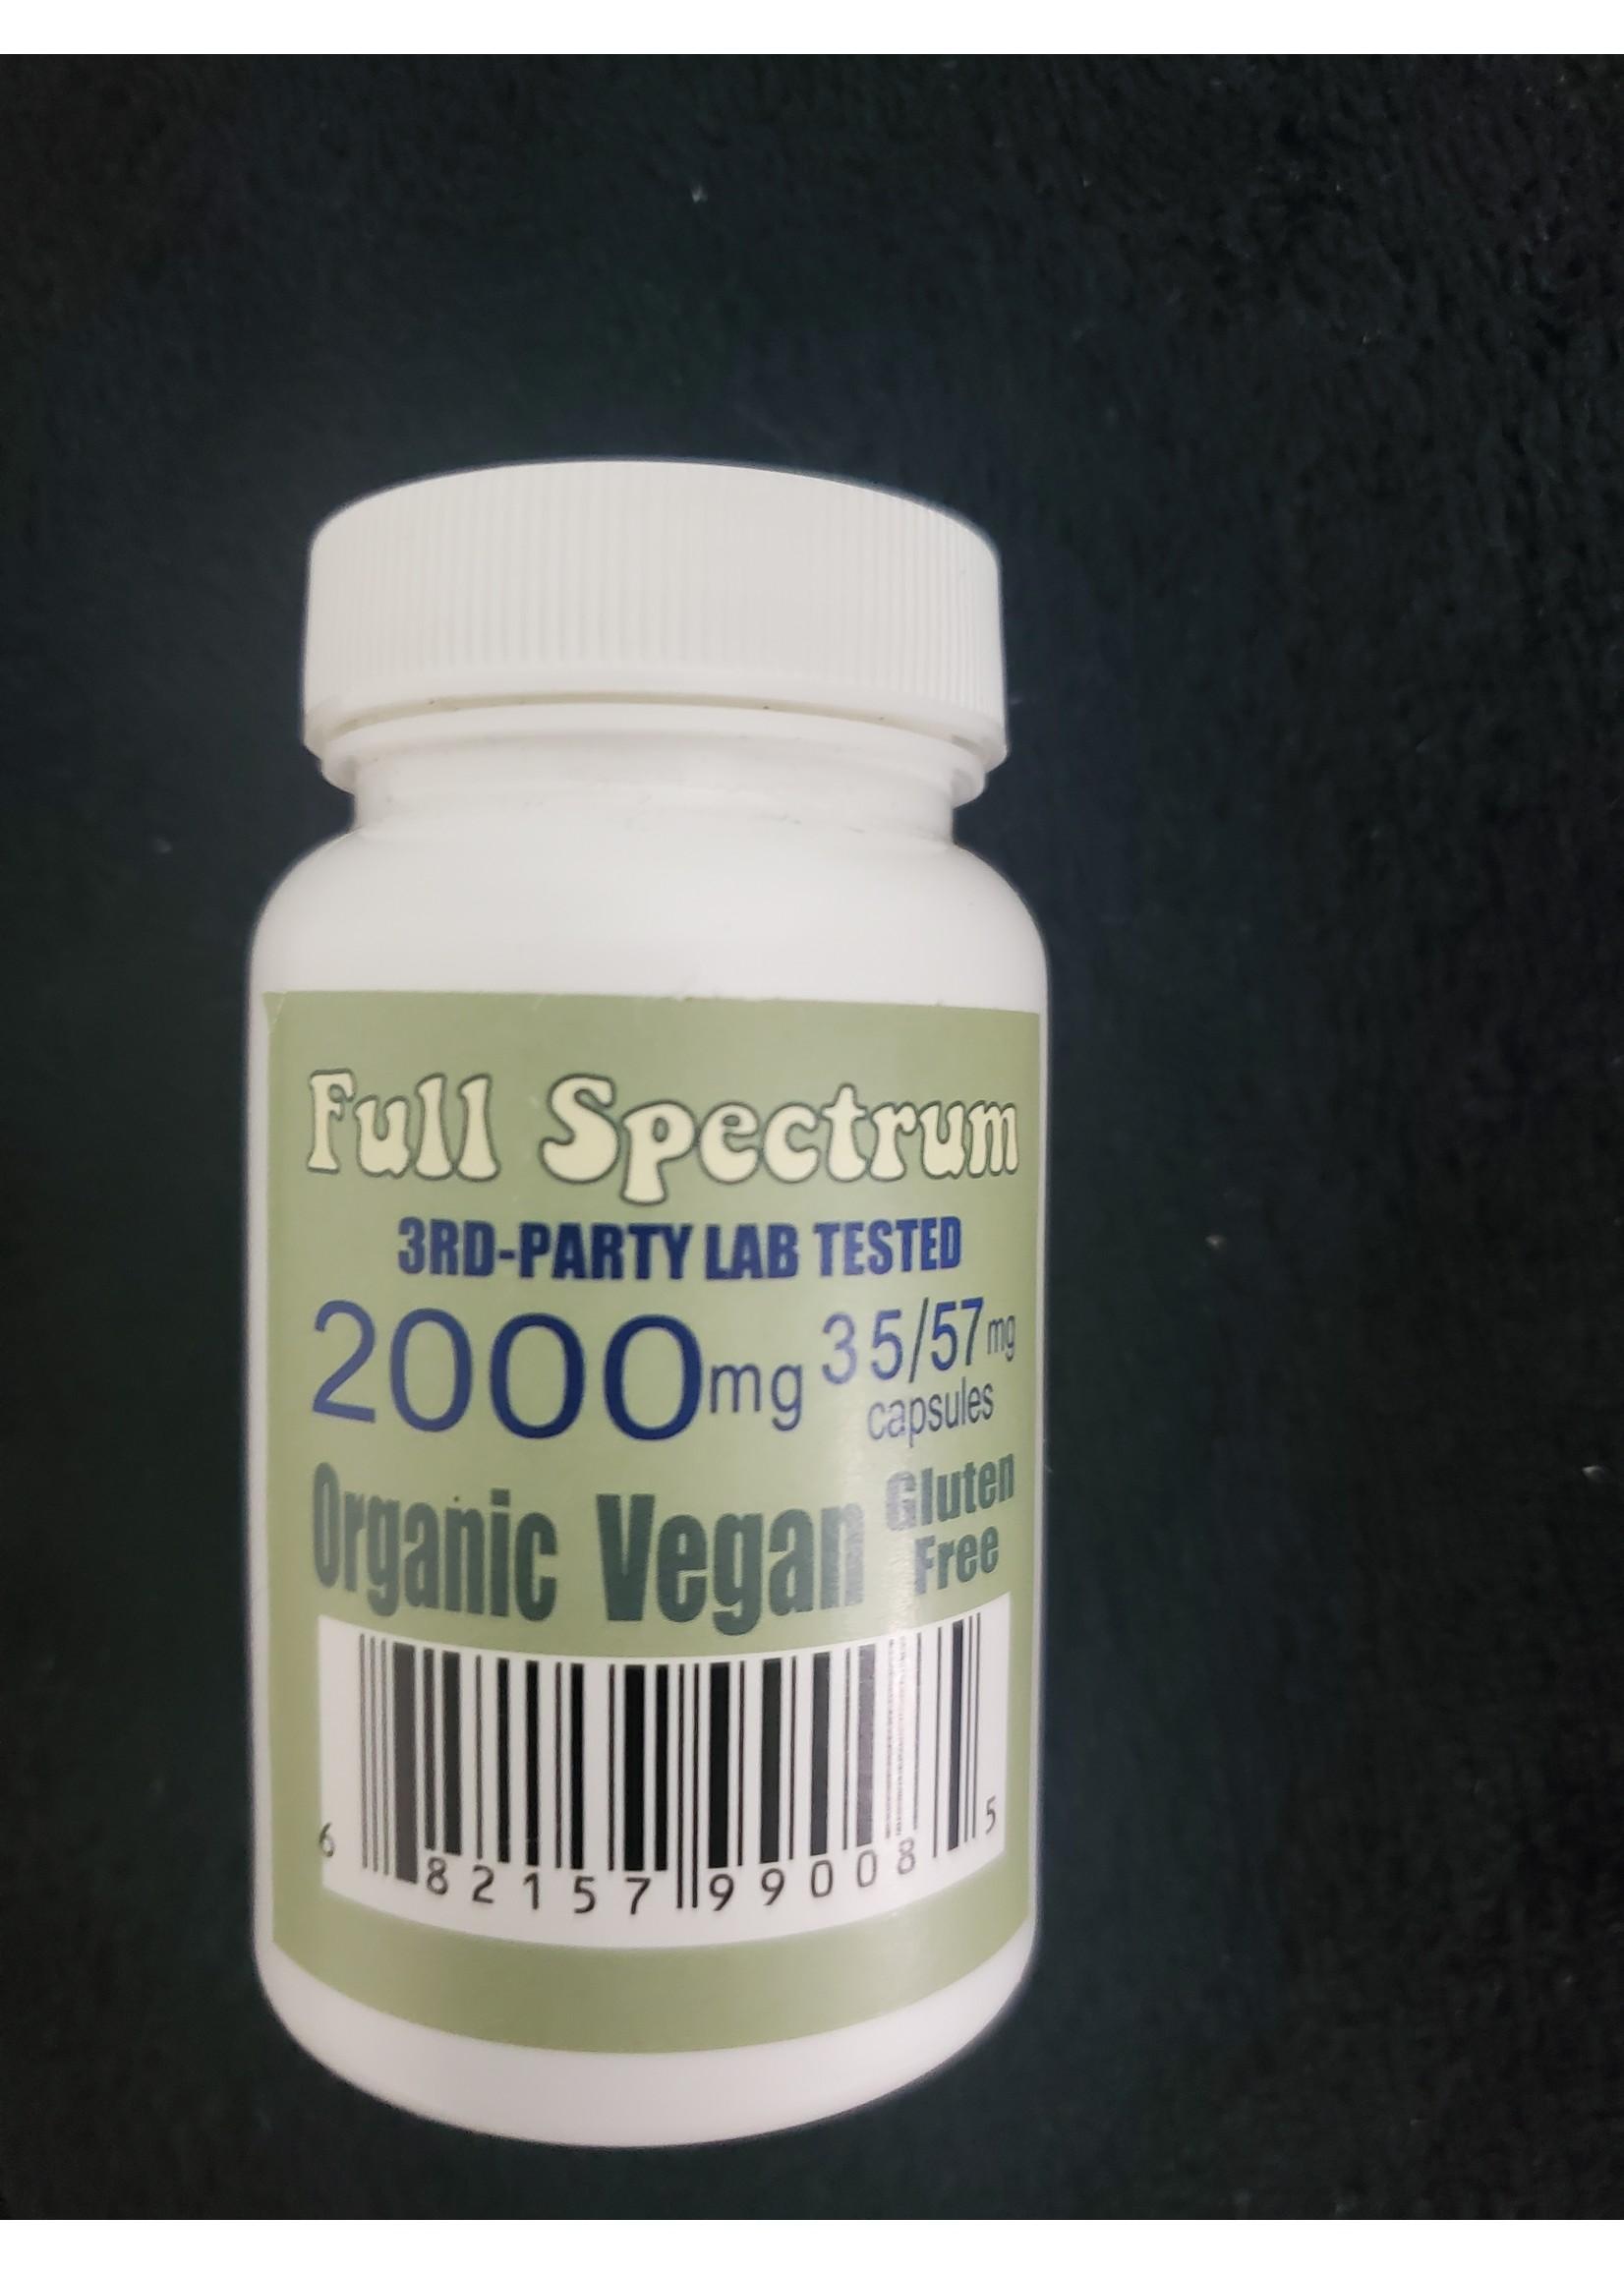 2000mg Full Spectrum CBD Flower Capsules